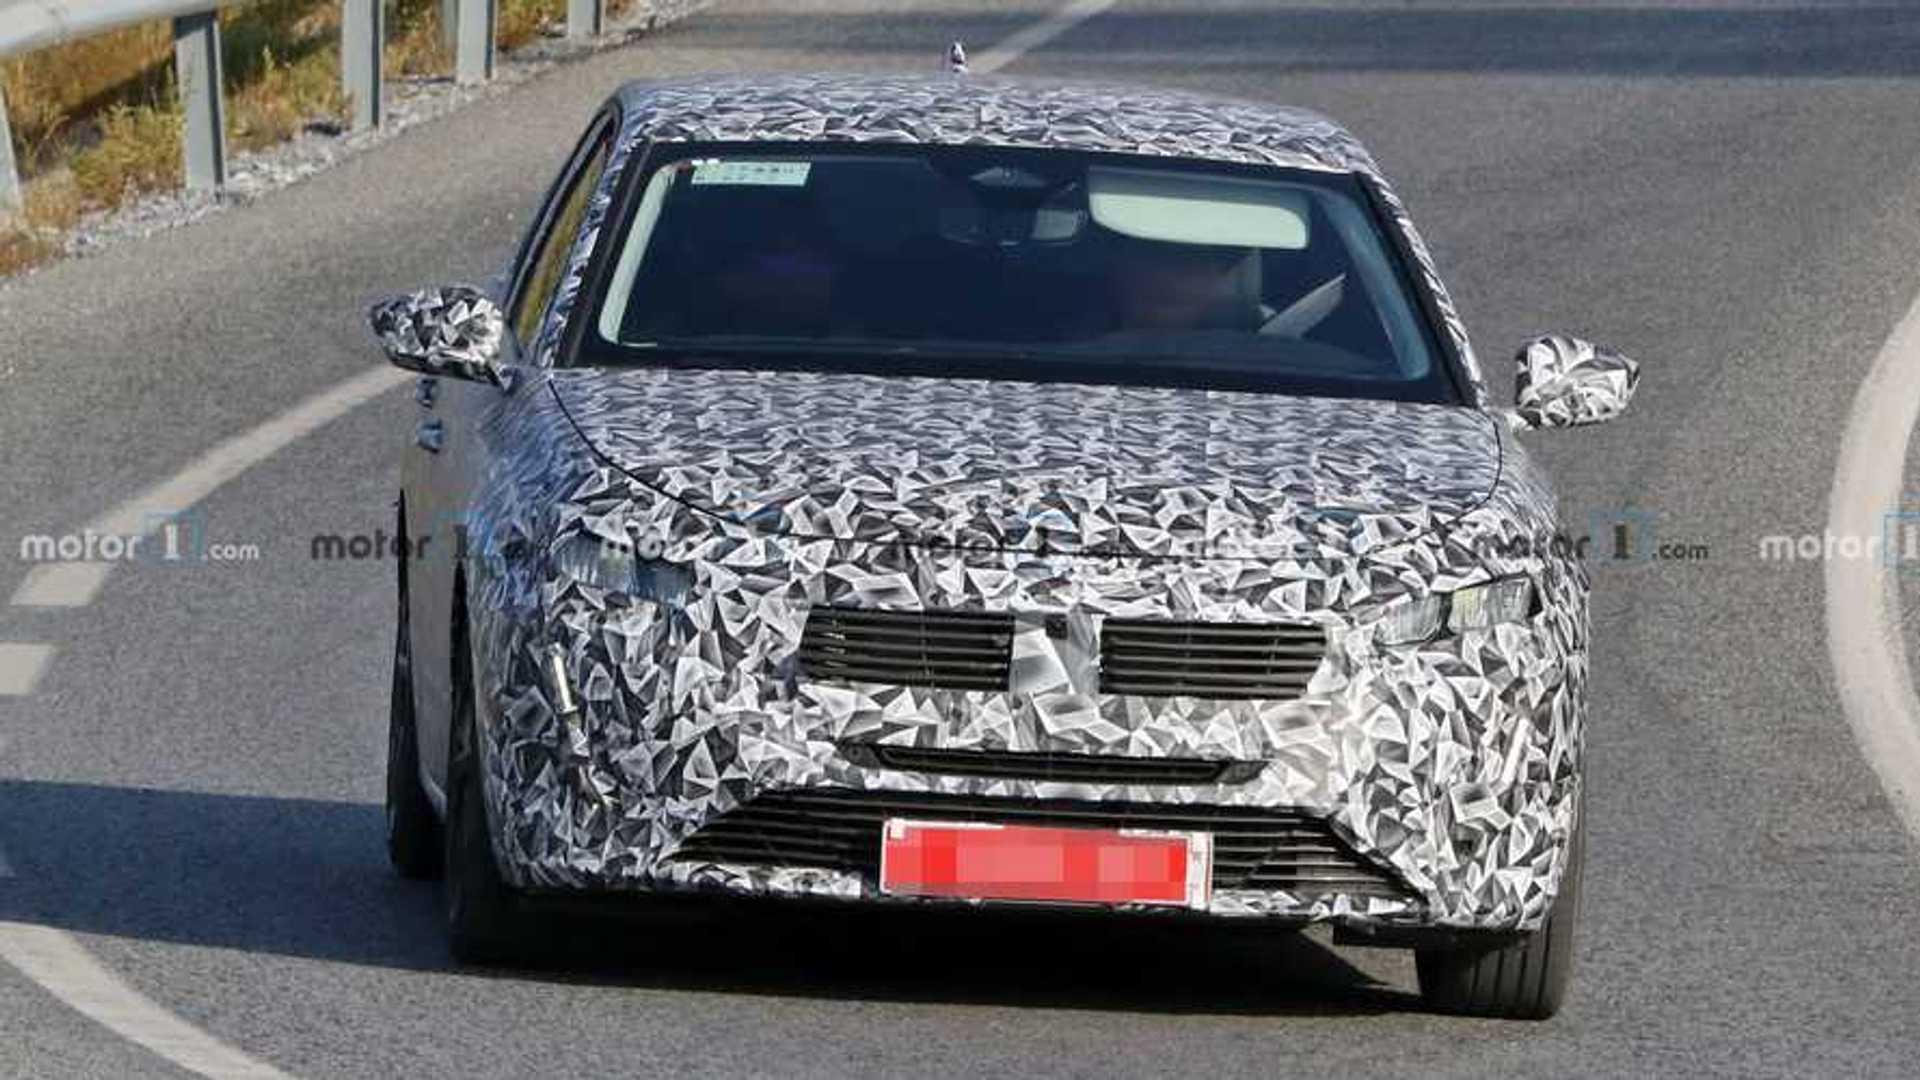 2021 - [Peugeot] 308 III [P51/P52] - Page 33 2022-peugeot-308-test-vehicle